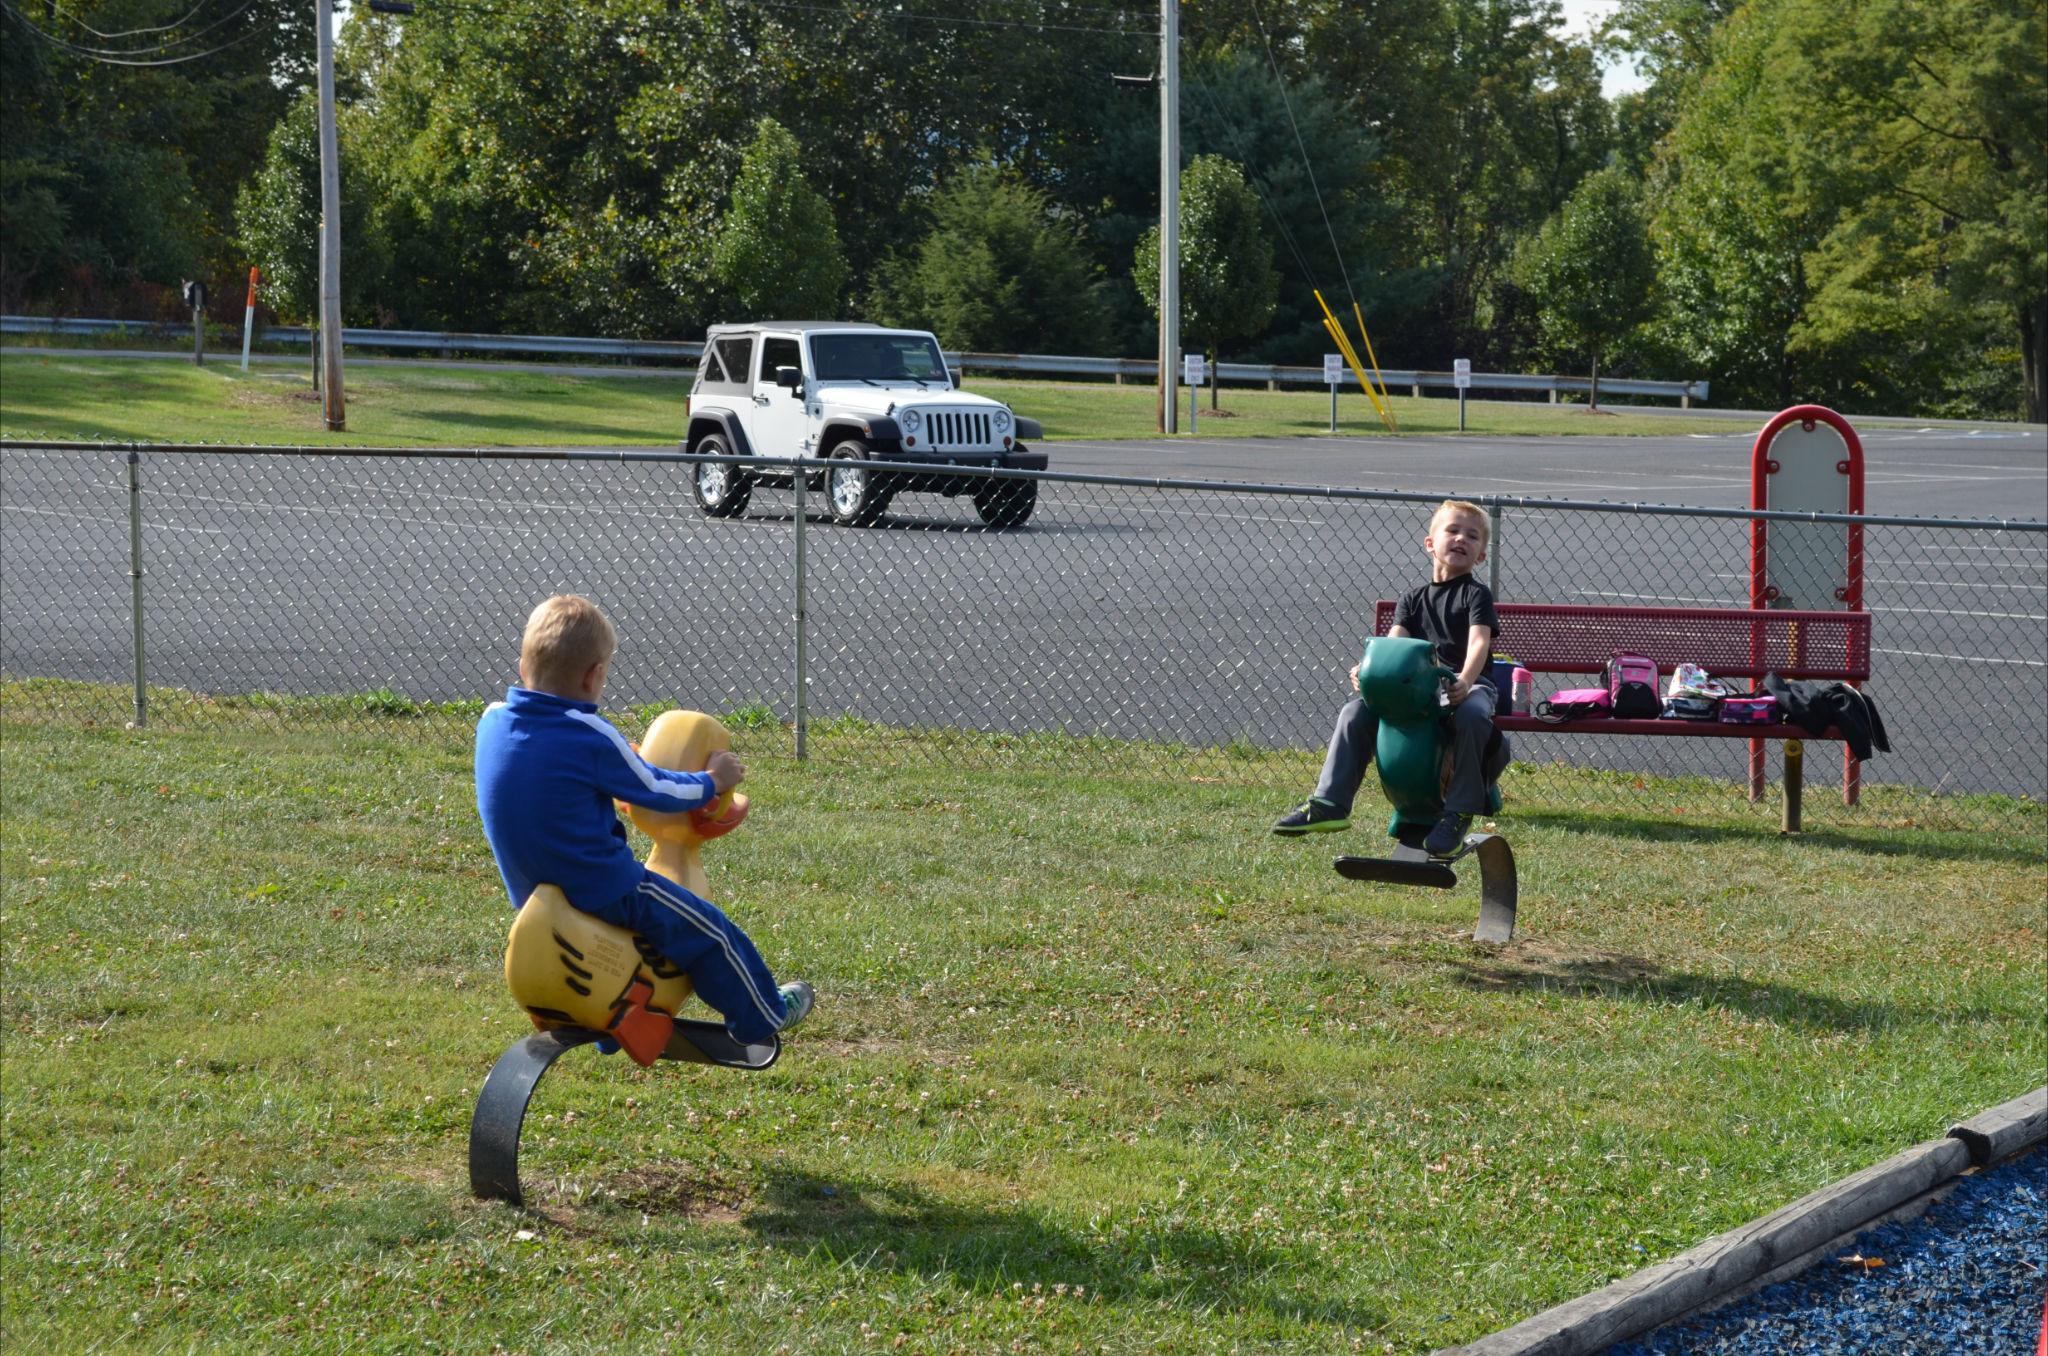 2012-09-17 10.09.13 - playground 3